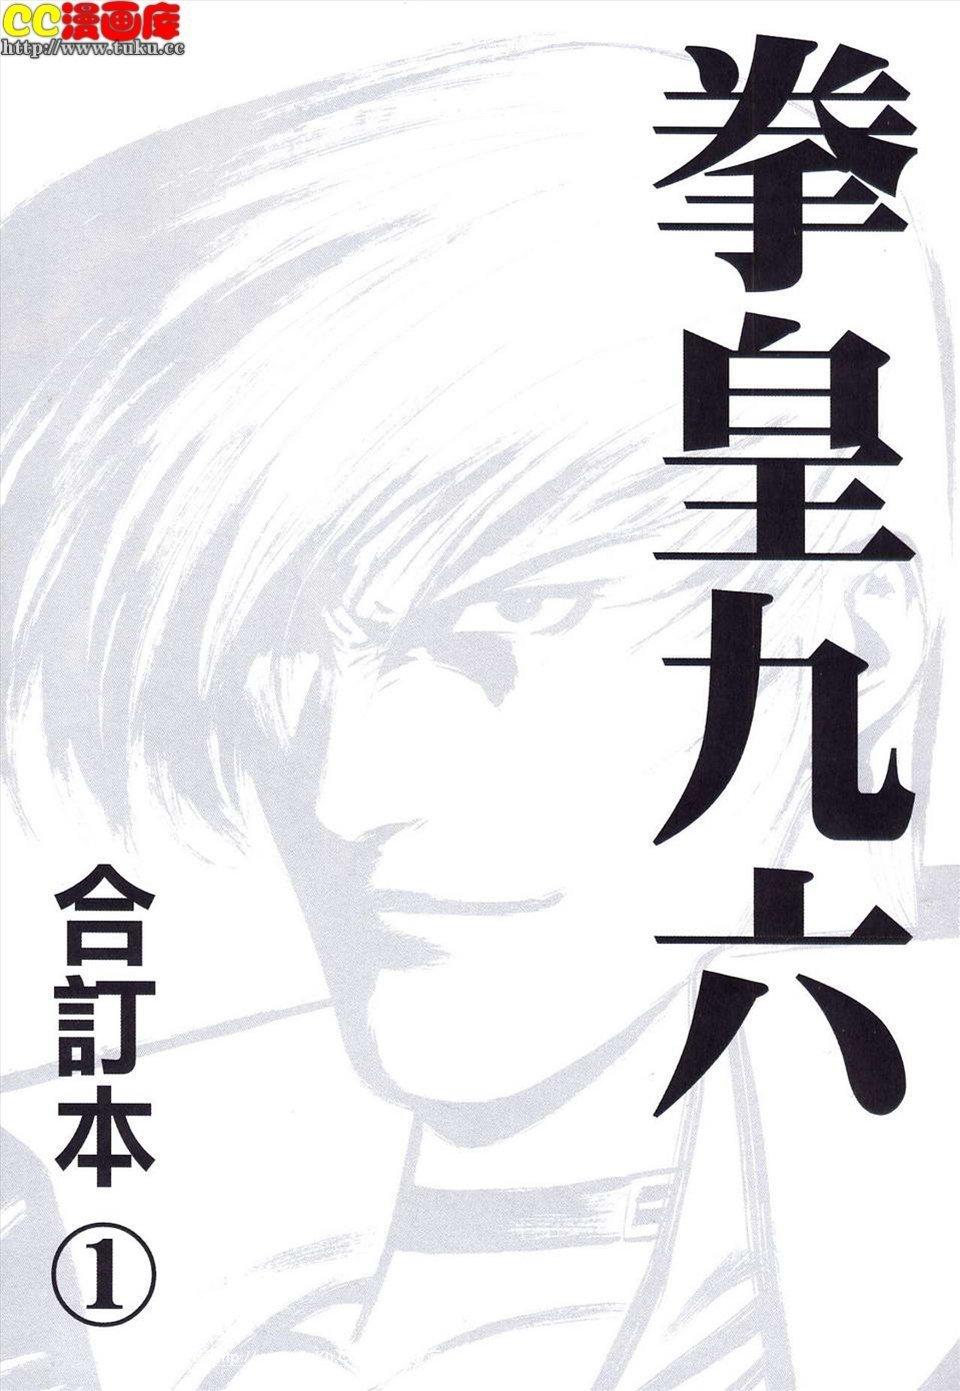 拳皇96彩色漫画第一集